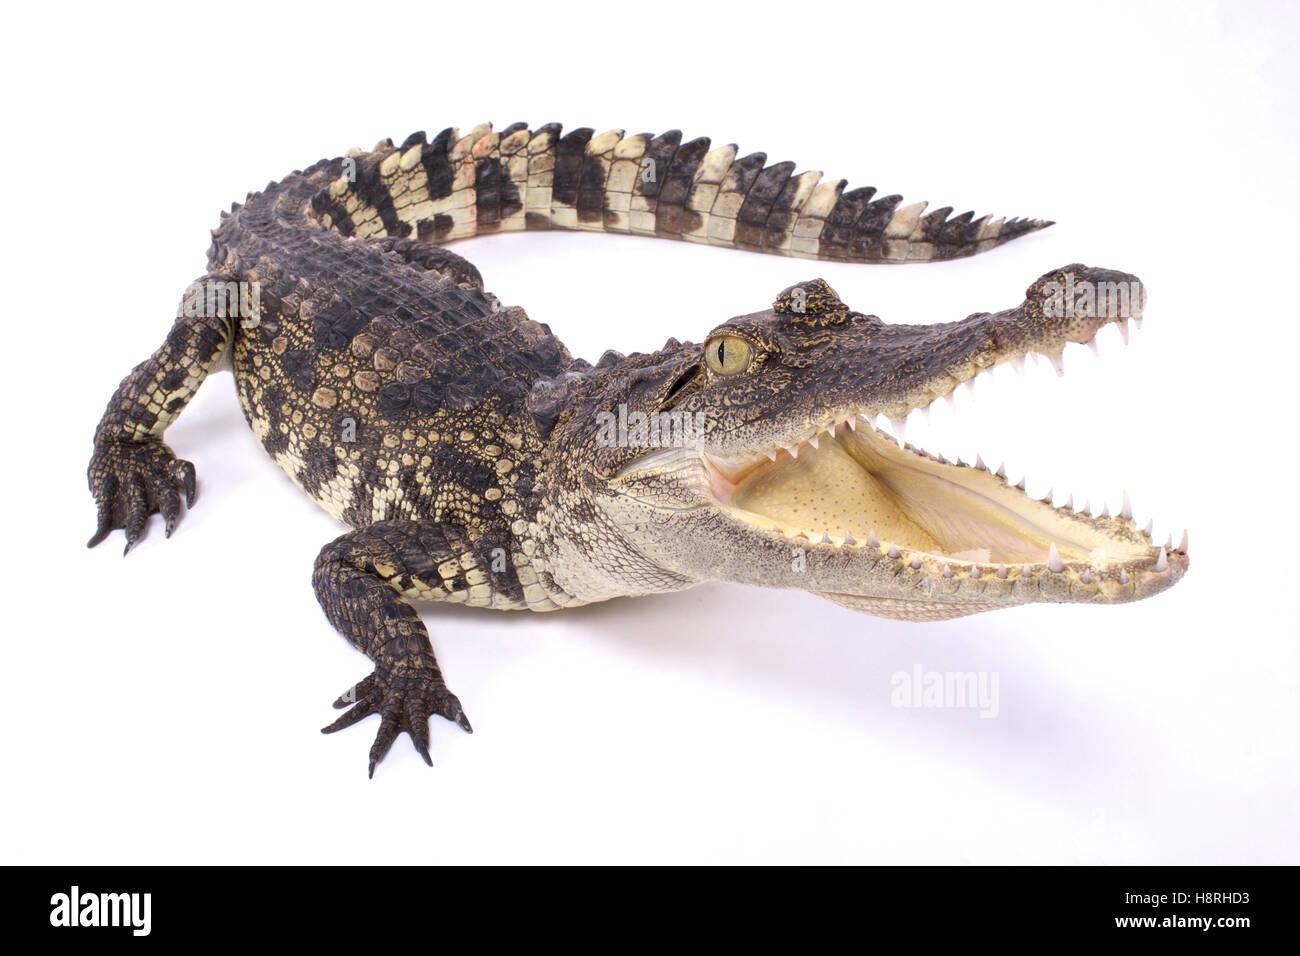 Siamese crocodile,Crocodylus siamensis - Stock Image